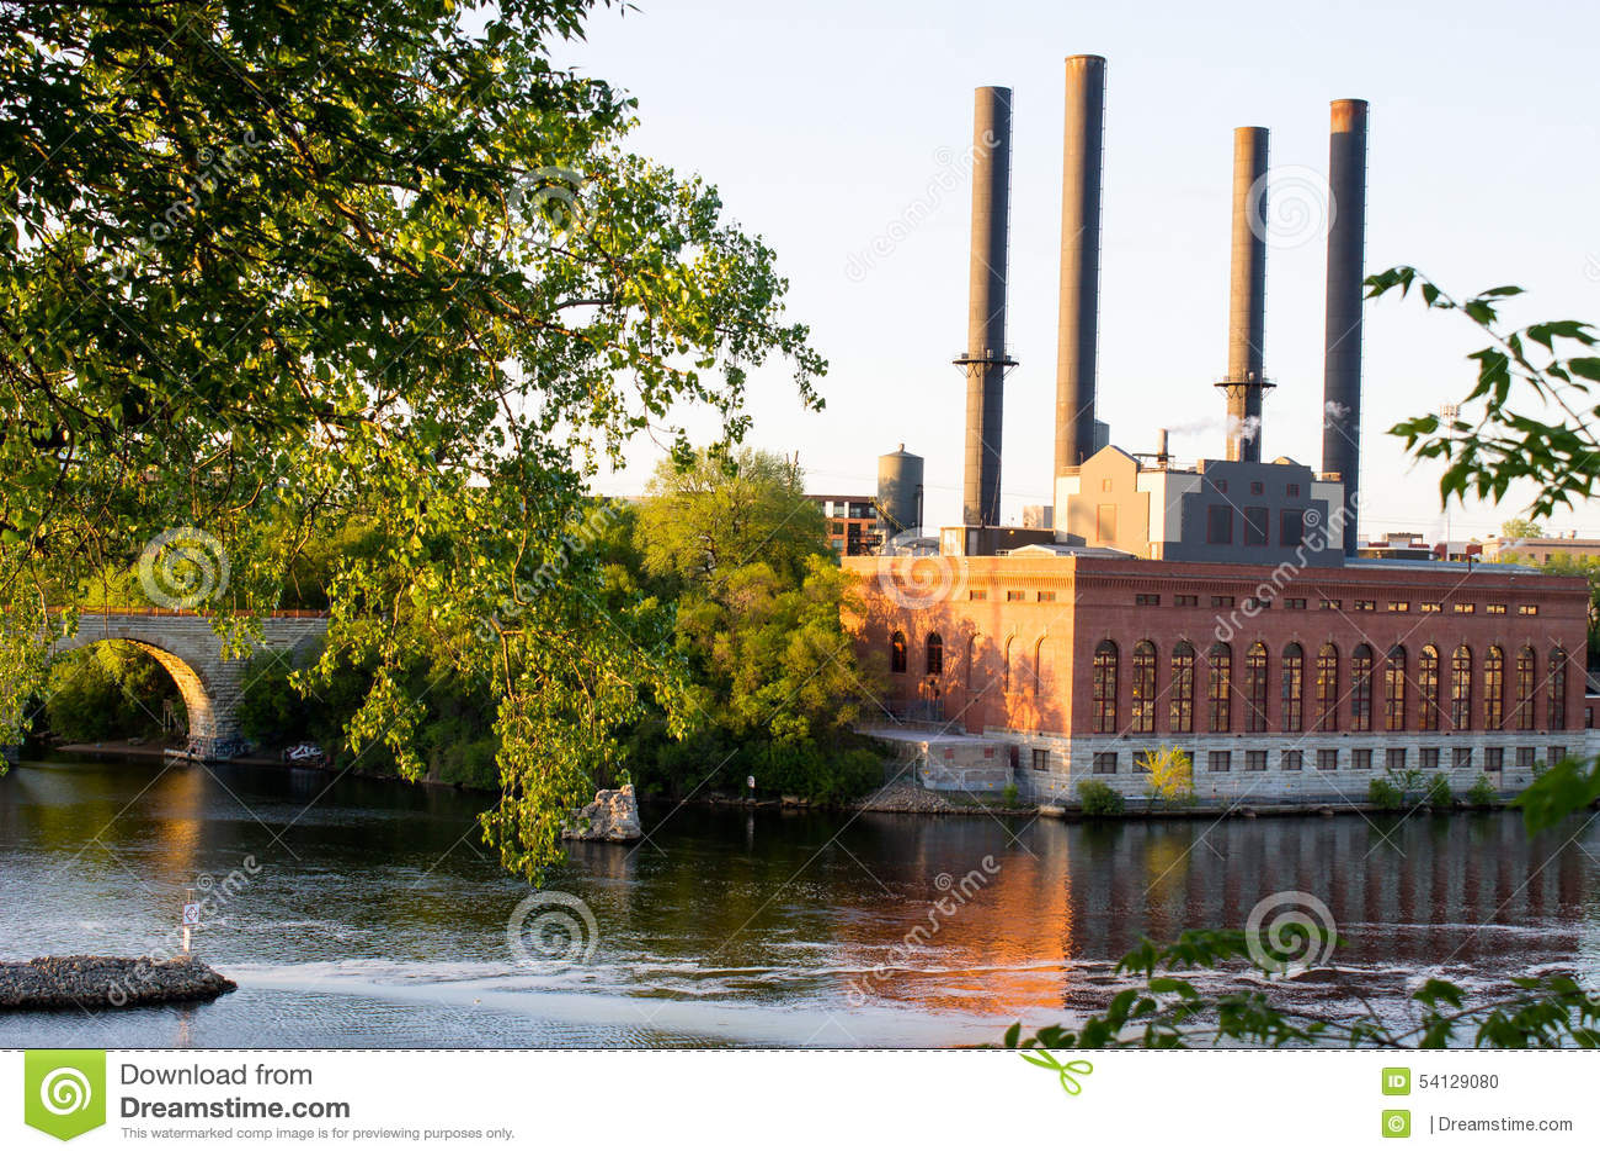 ГЭС, Миннеаполис Минесота